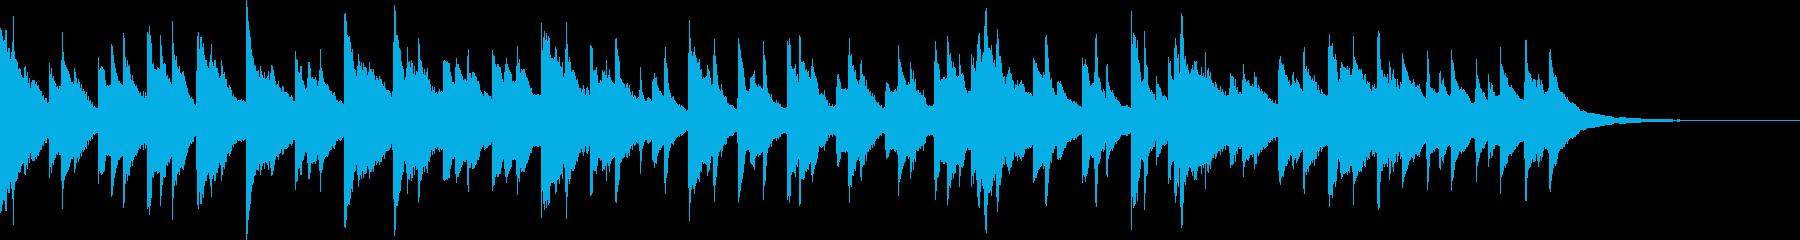 ミステリアスな雰囲気のハープの曲の再生済みの波形